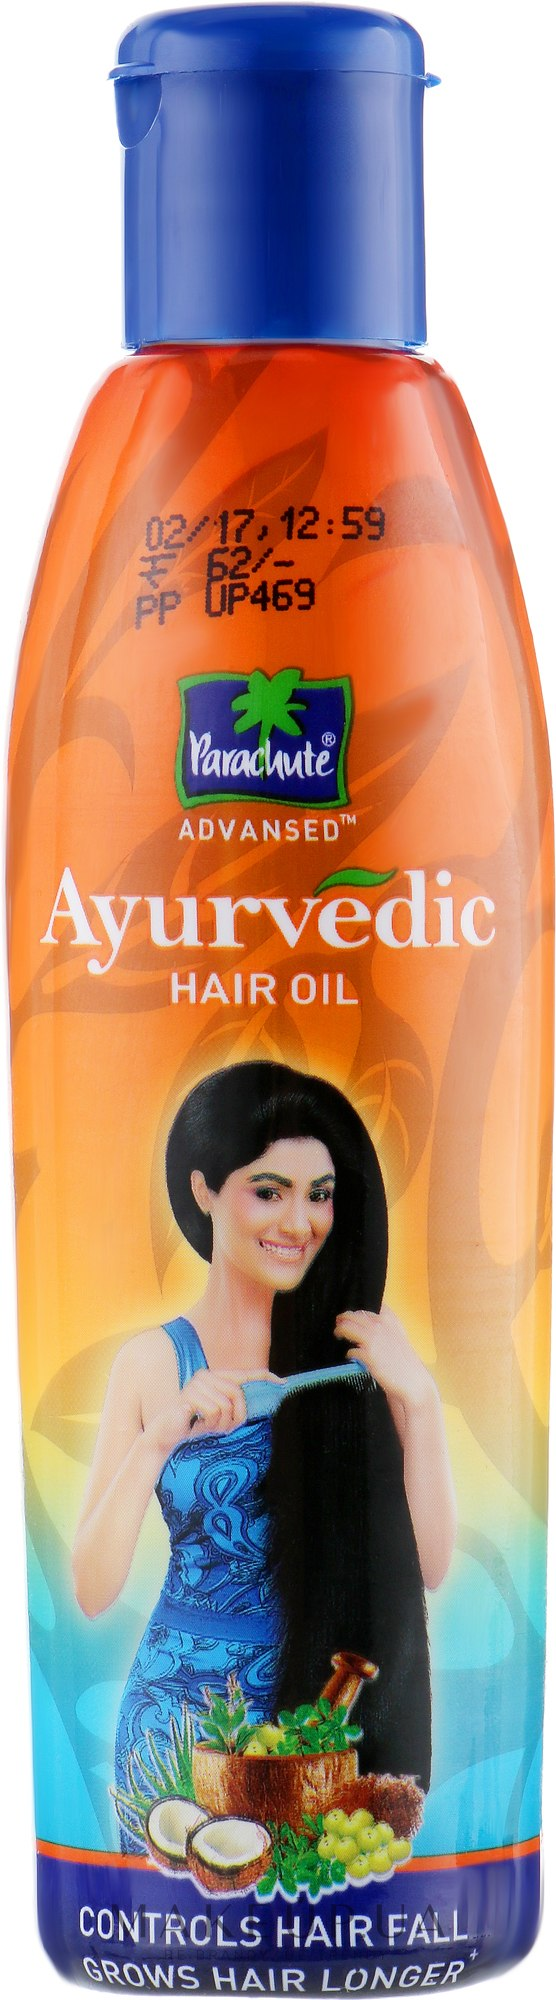 Аюрведическое масло против выпадения волос - Biofarma Parachute Advansed — фото 95ml